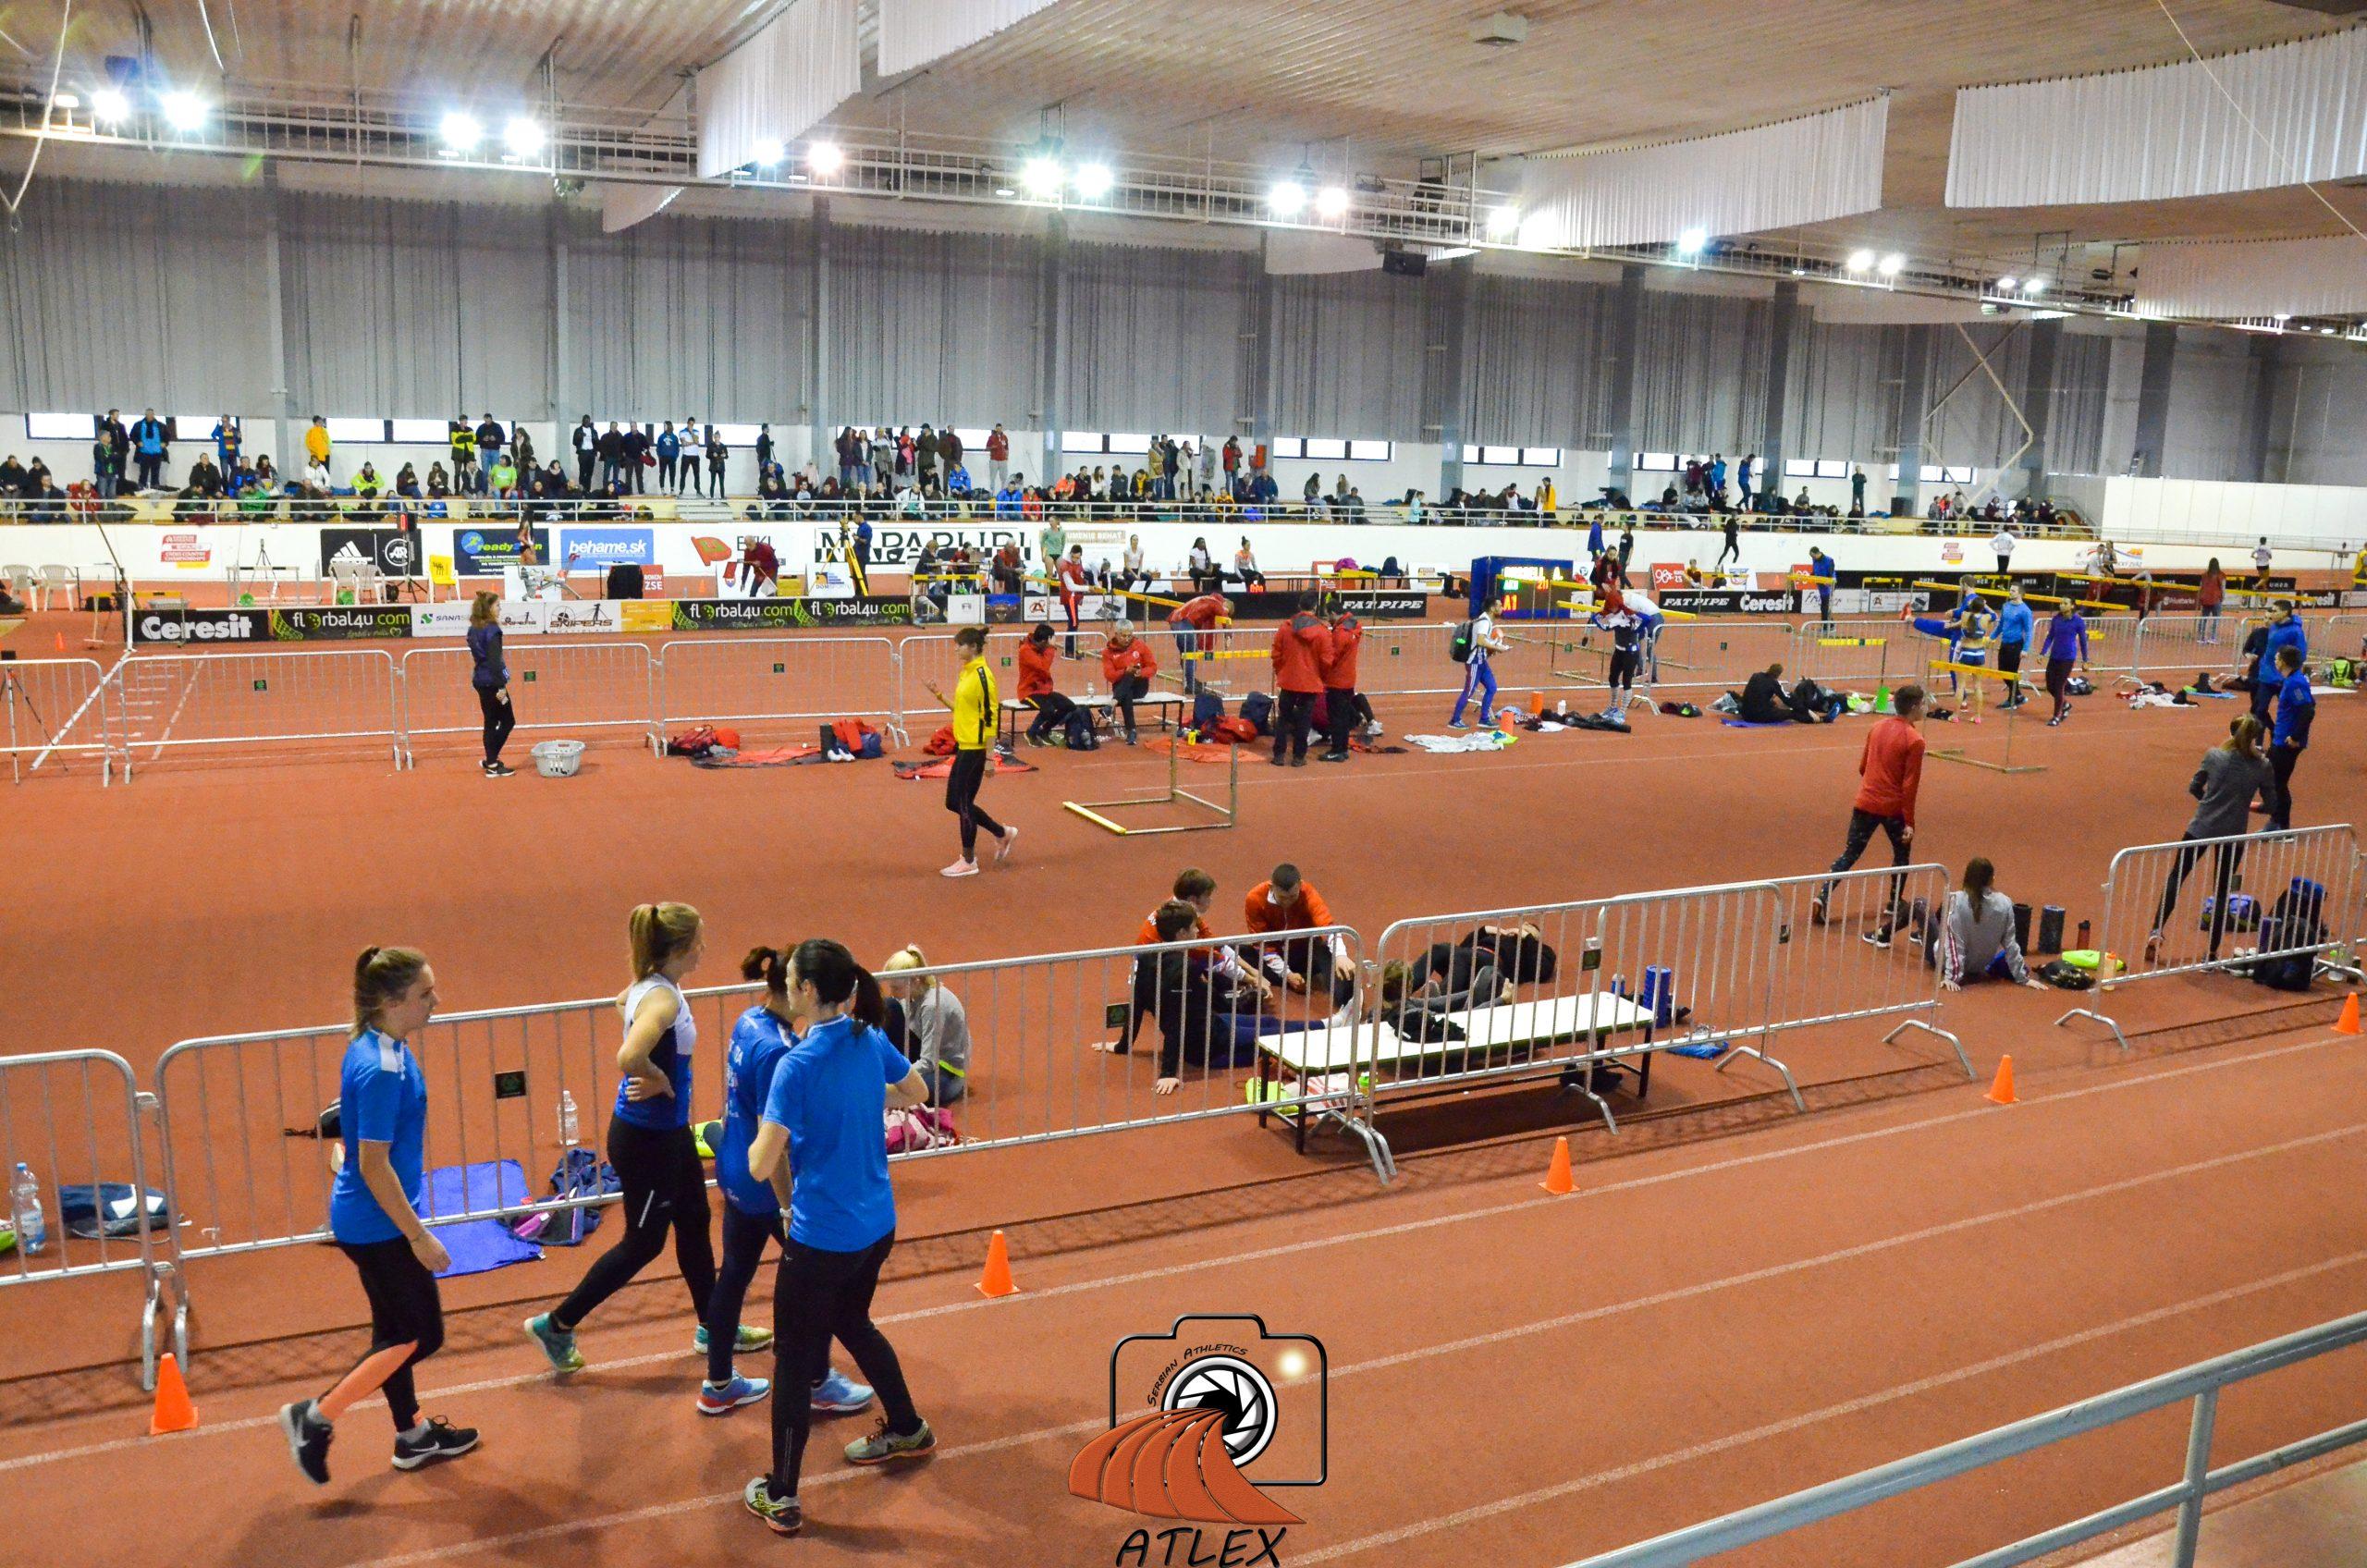 Atletska dvorana u Bratislavi